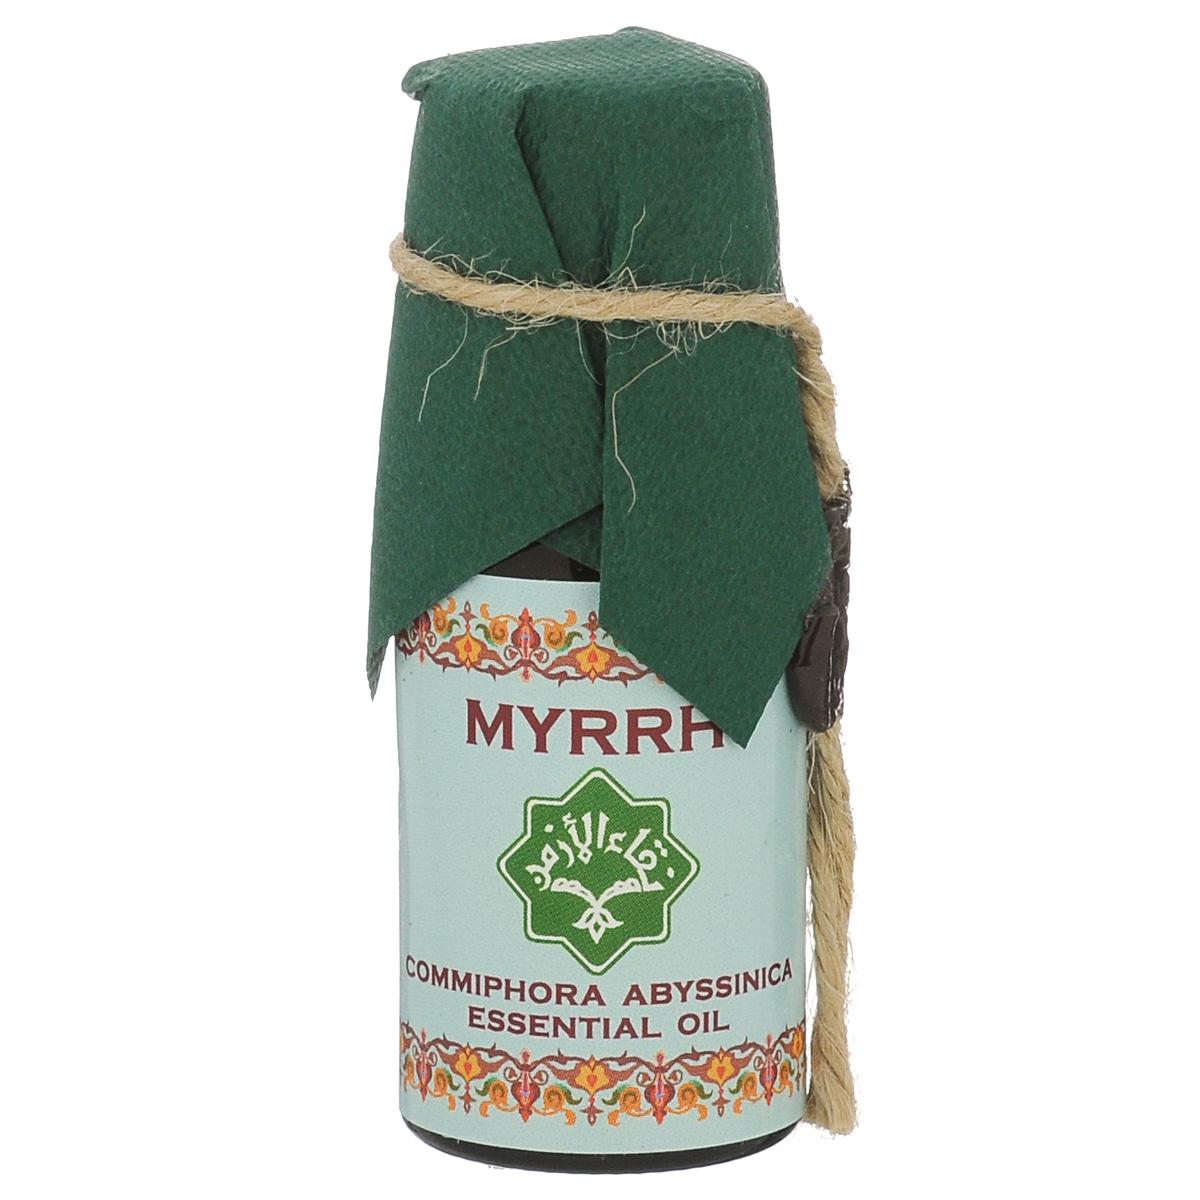 Зейтун Эфирное масло Мирра, 10 млZ3634Абсолютно чистое, 100% натуральное эфирное масло Мирры, произведенное в соответствии со стандартом европейской фармакопеи; по своим качествам и свойствам значительно превосходит дешевые аналоги. Применение в ароматерапии: Эфирное масло мирры согревает, устраняет путаницу мыслей и смятение чувств. Делает сон быстрым, светлым и легким, а бодрствование осмысленным и духовным без депрессий и нервных срывов. Избавляет от эгоцентризма, уводит из мрака страдания, обладает заживляющим и легким одурманивающим действием. Восстанавливает объективность психики, помогает обрести самодостаточность и адекватность. Запах мирры устраняет нервозность, раздраженное состояние, бессонницу. Прекрасный аромат для размышлений, медитации. Косметические свойства: Эфирное масло мирры для воспаленной, поврежденной, треснувшей кожи. В смесях при мокнущих экземах, угревой болезни, на коже, пораженной грибком, для сухой кожи, ранах, ожогах, лишаях и нарывах. Обладает вяжущим действием, стягивает поры....